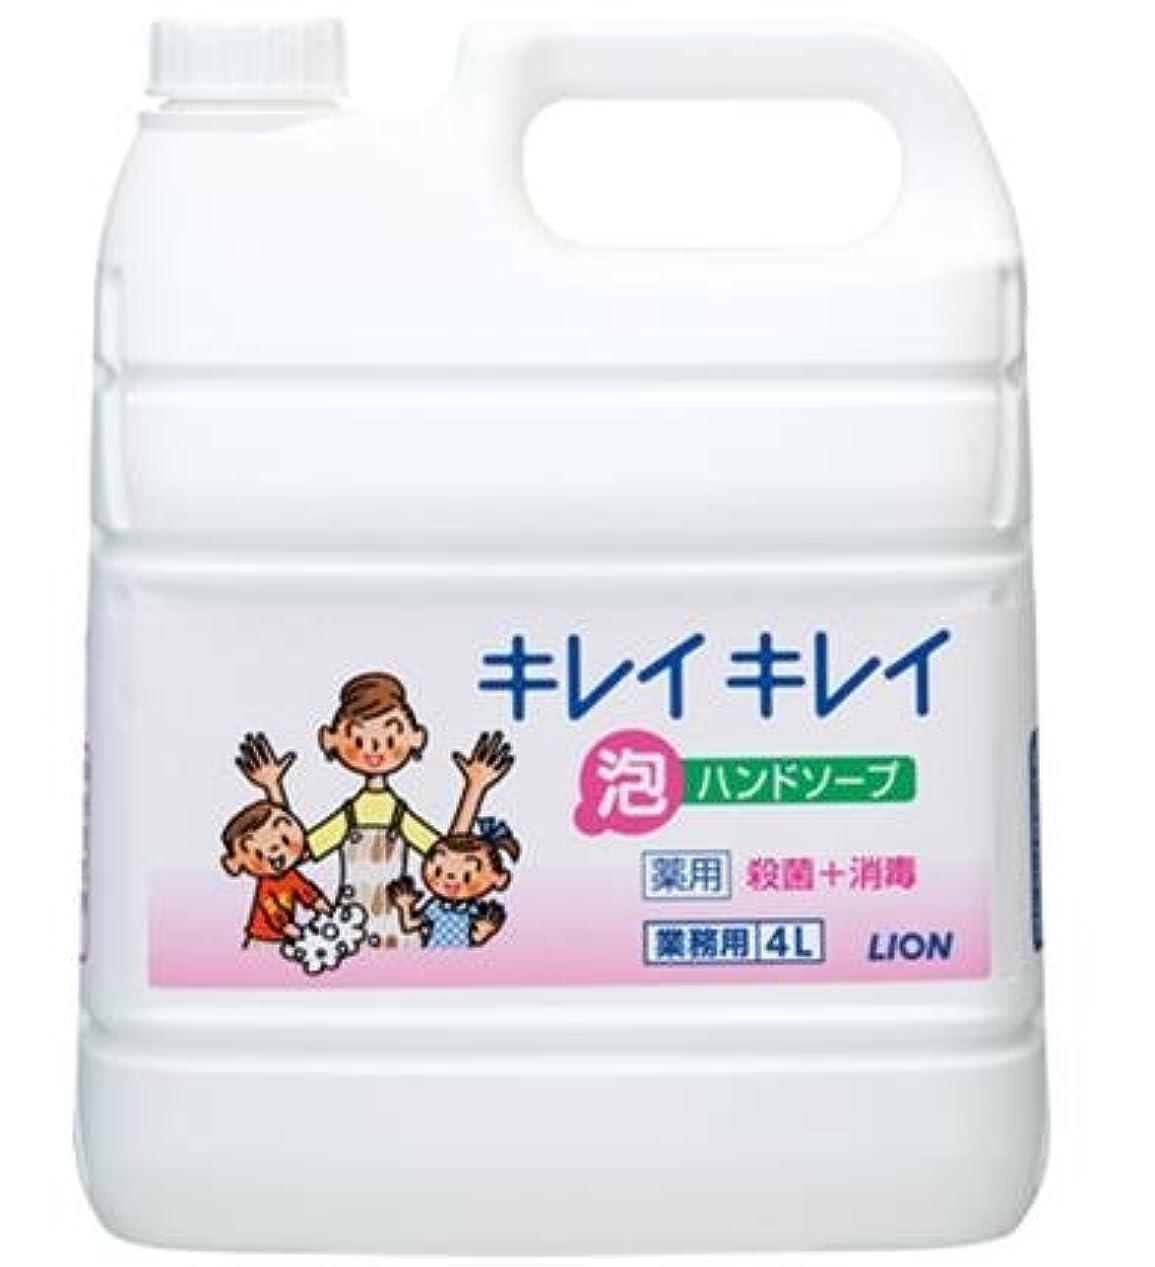 アルプス花束赤面キレイキレイ薬用泡ハンドソープ 4Lボトル+専用泡容器250mLセット